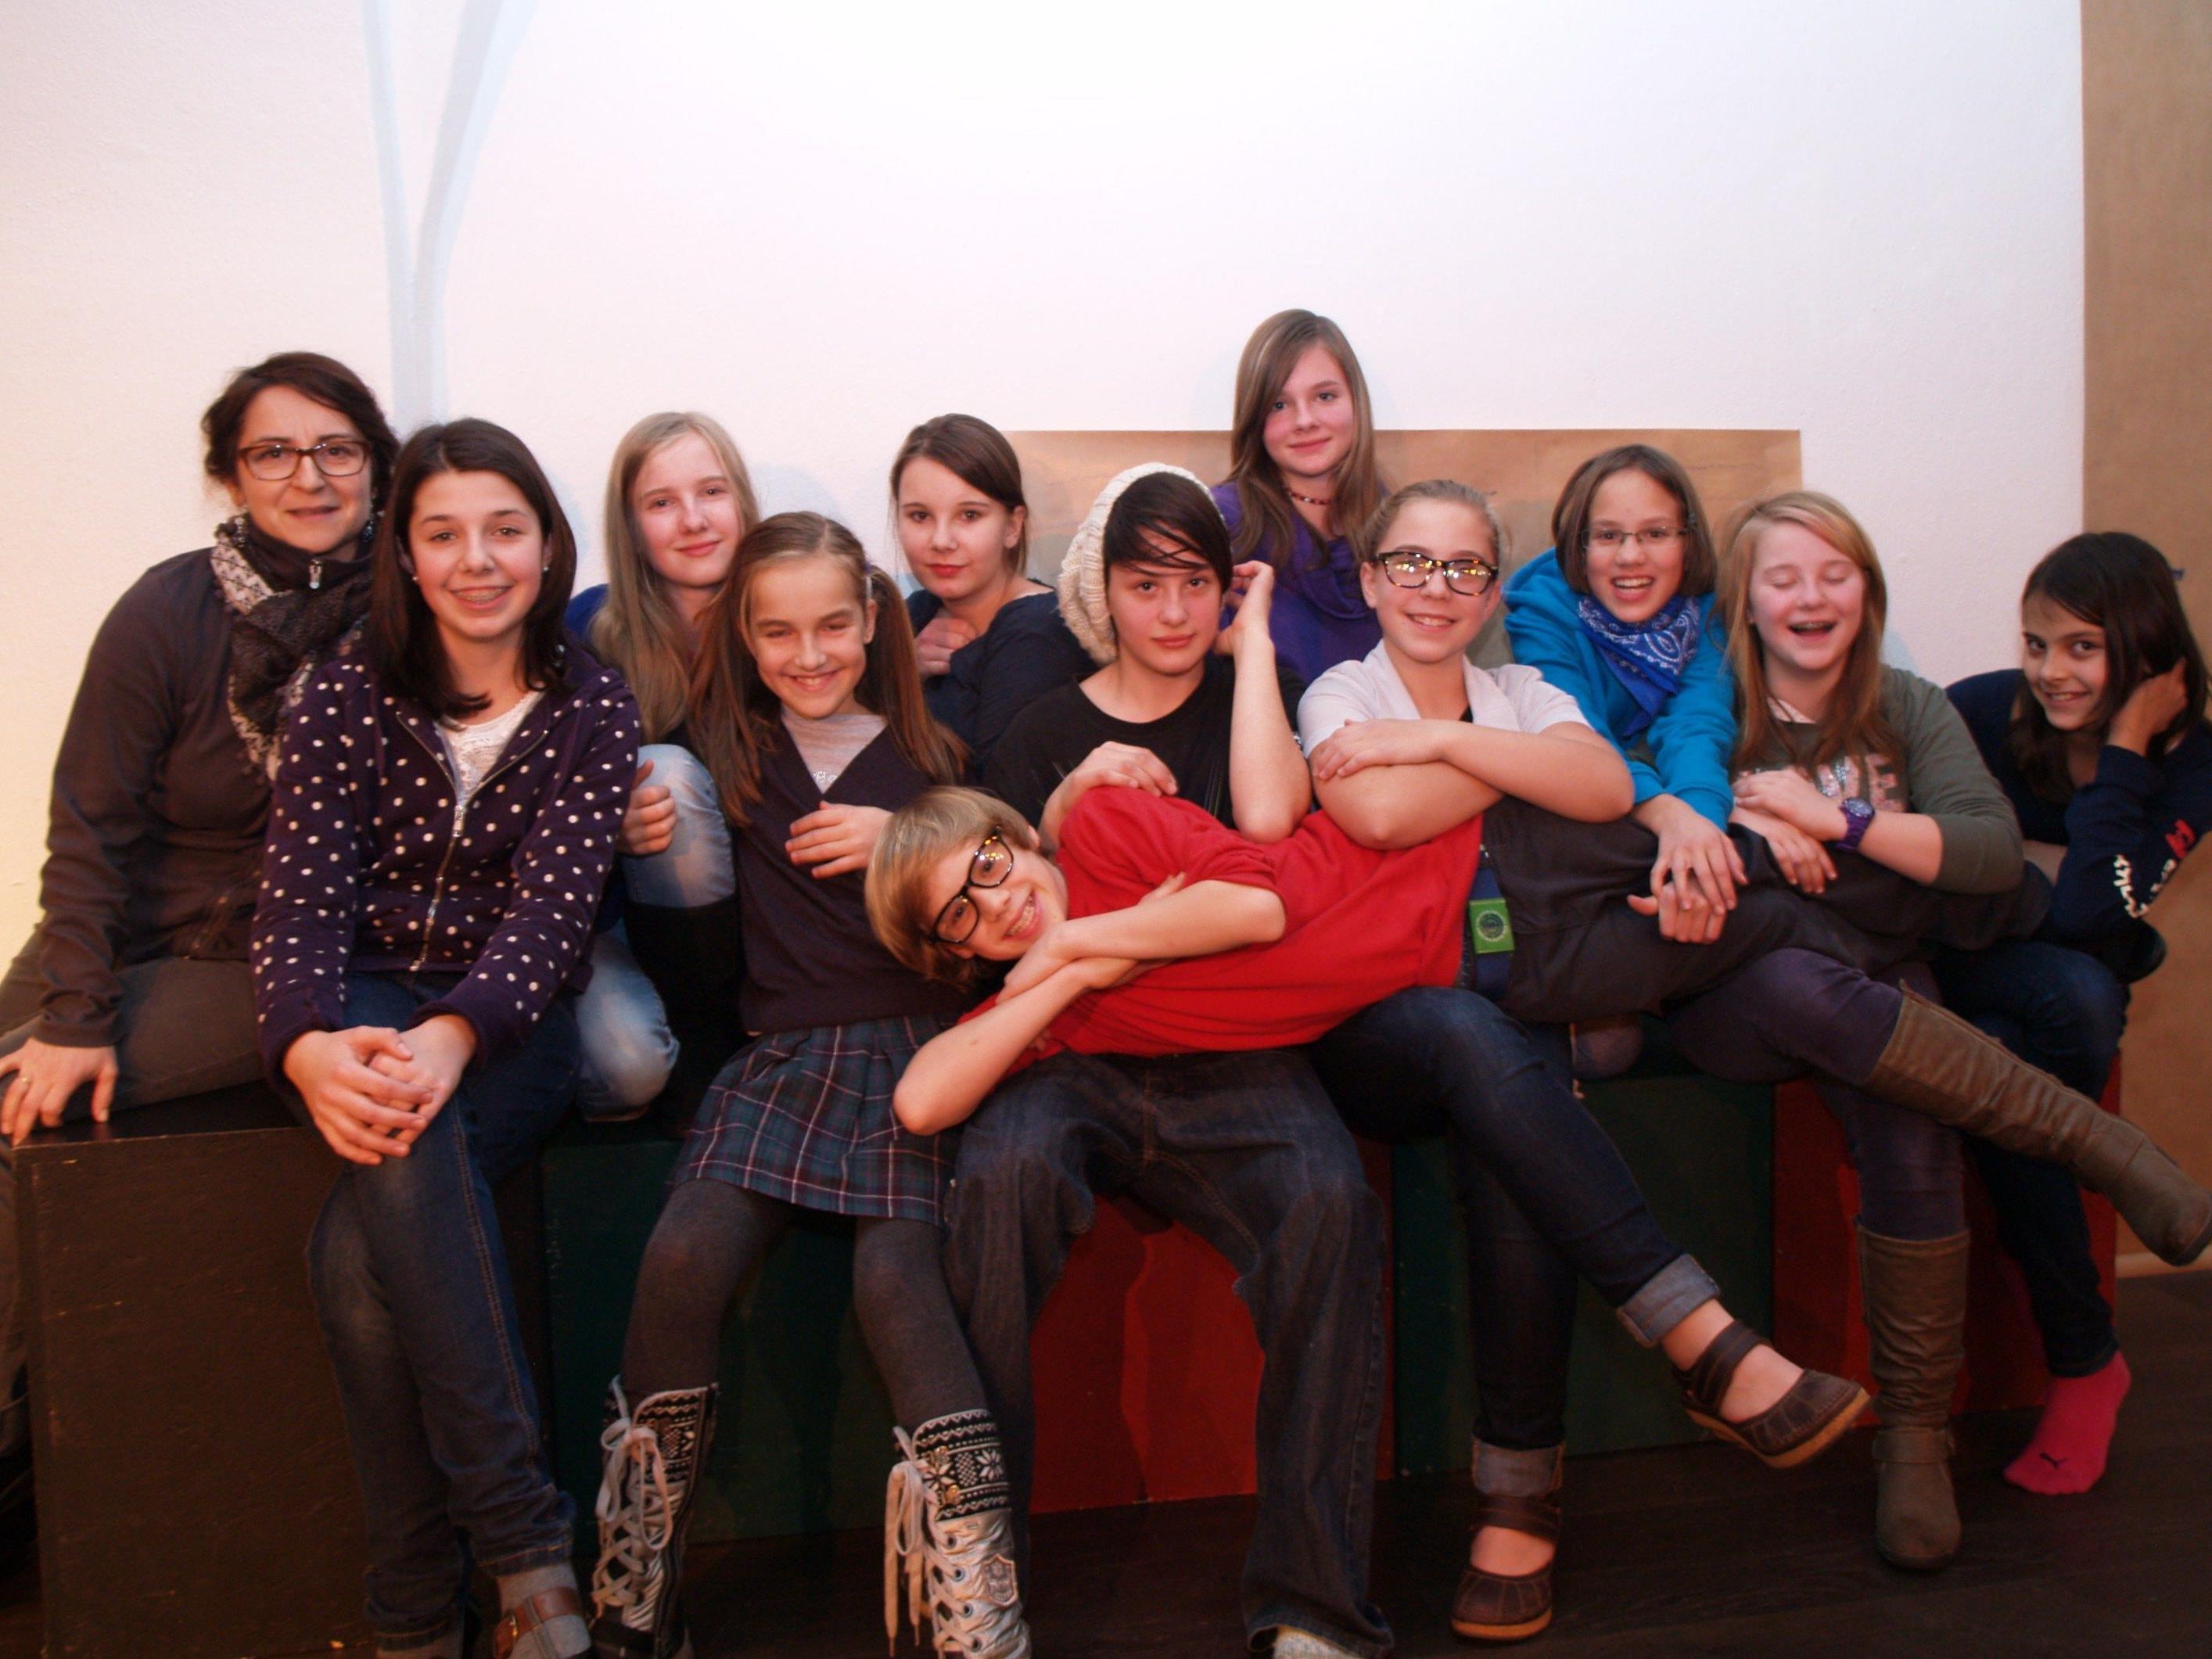 Die Jugendlichen mit Sabine Matt - Schönwetter freuen sich schon auf die Aufführung am 17. Dezember.